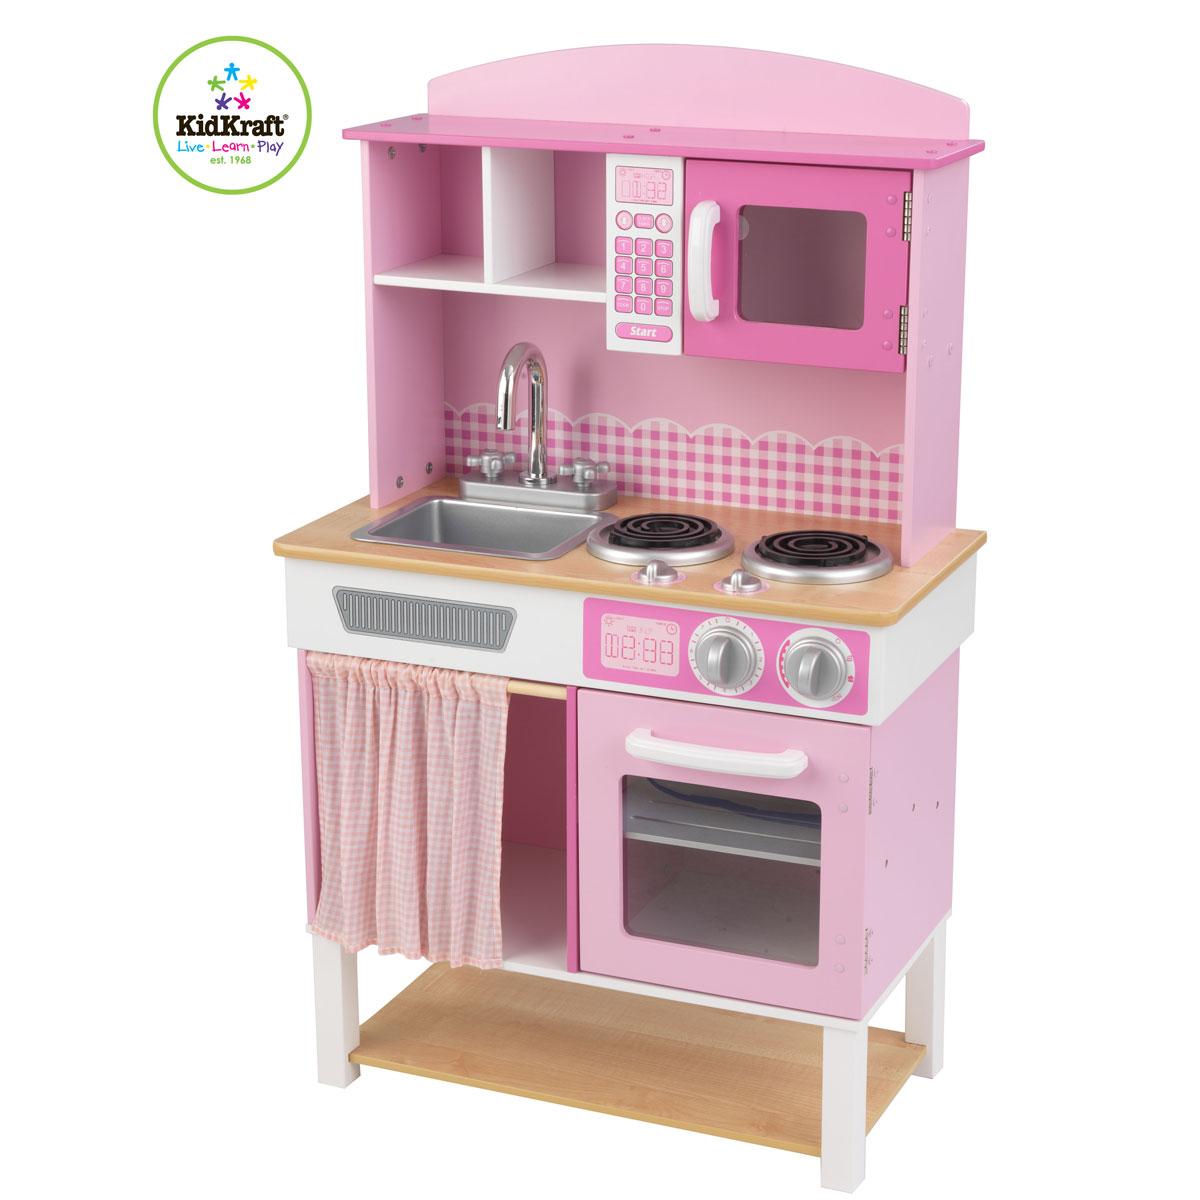 kidkraft cuisine home cooking 53198. Black Bedroom Furniture Sets. Home Design Ideas